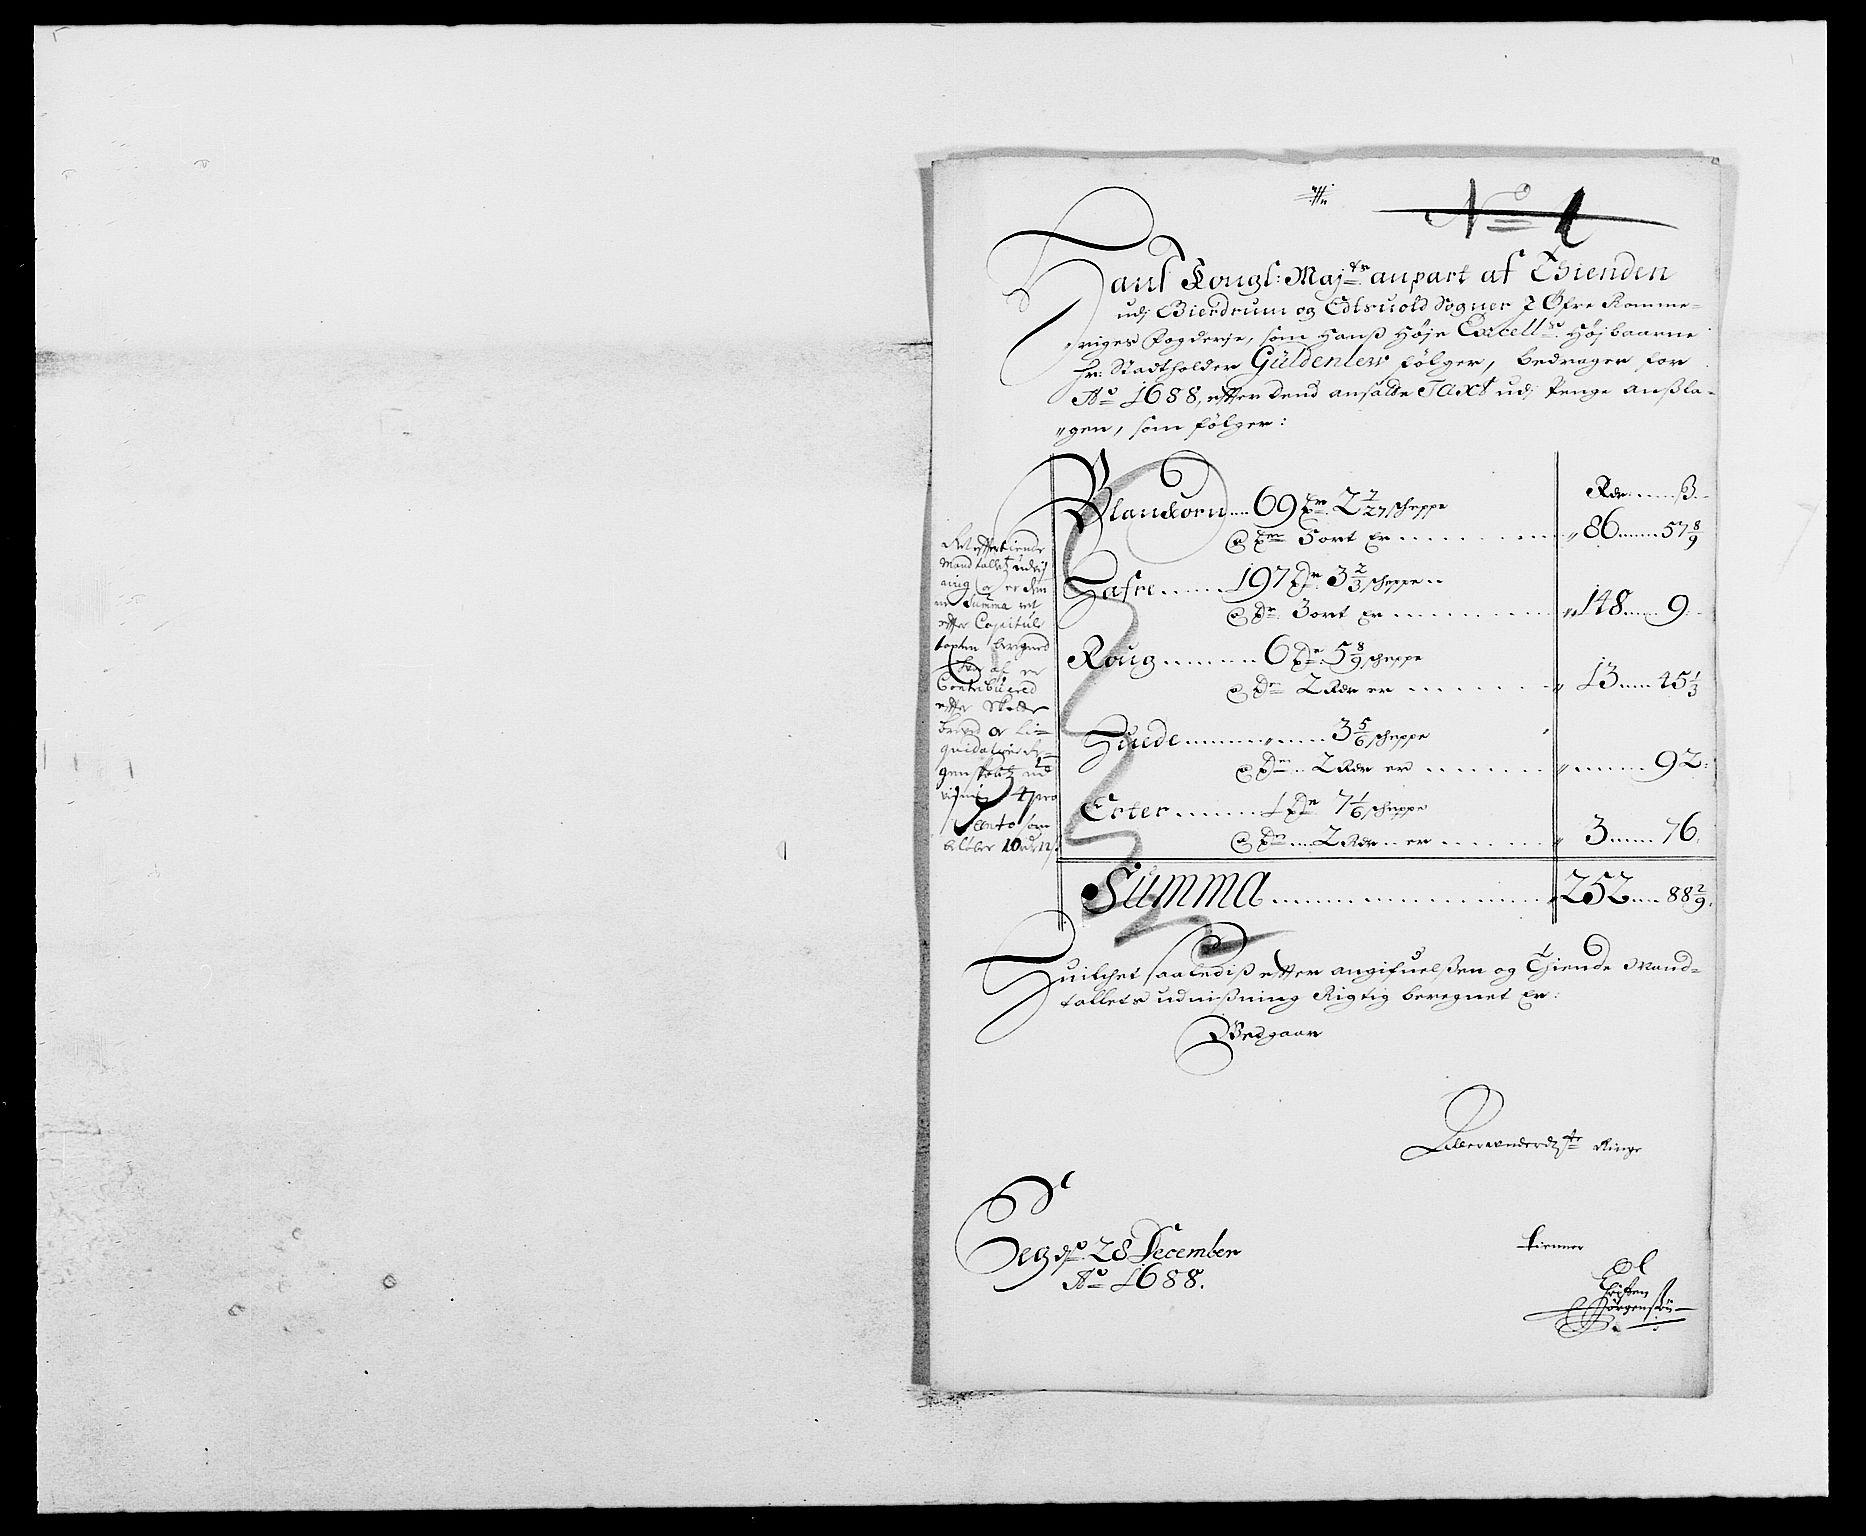 RA, Rentekammeret inntil 1814, Reviderte regnskaper, Fogderegnskap, R12/L0700: Fogderegnskap Øvre Romerike, 1687-1688, s. 437